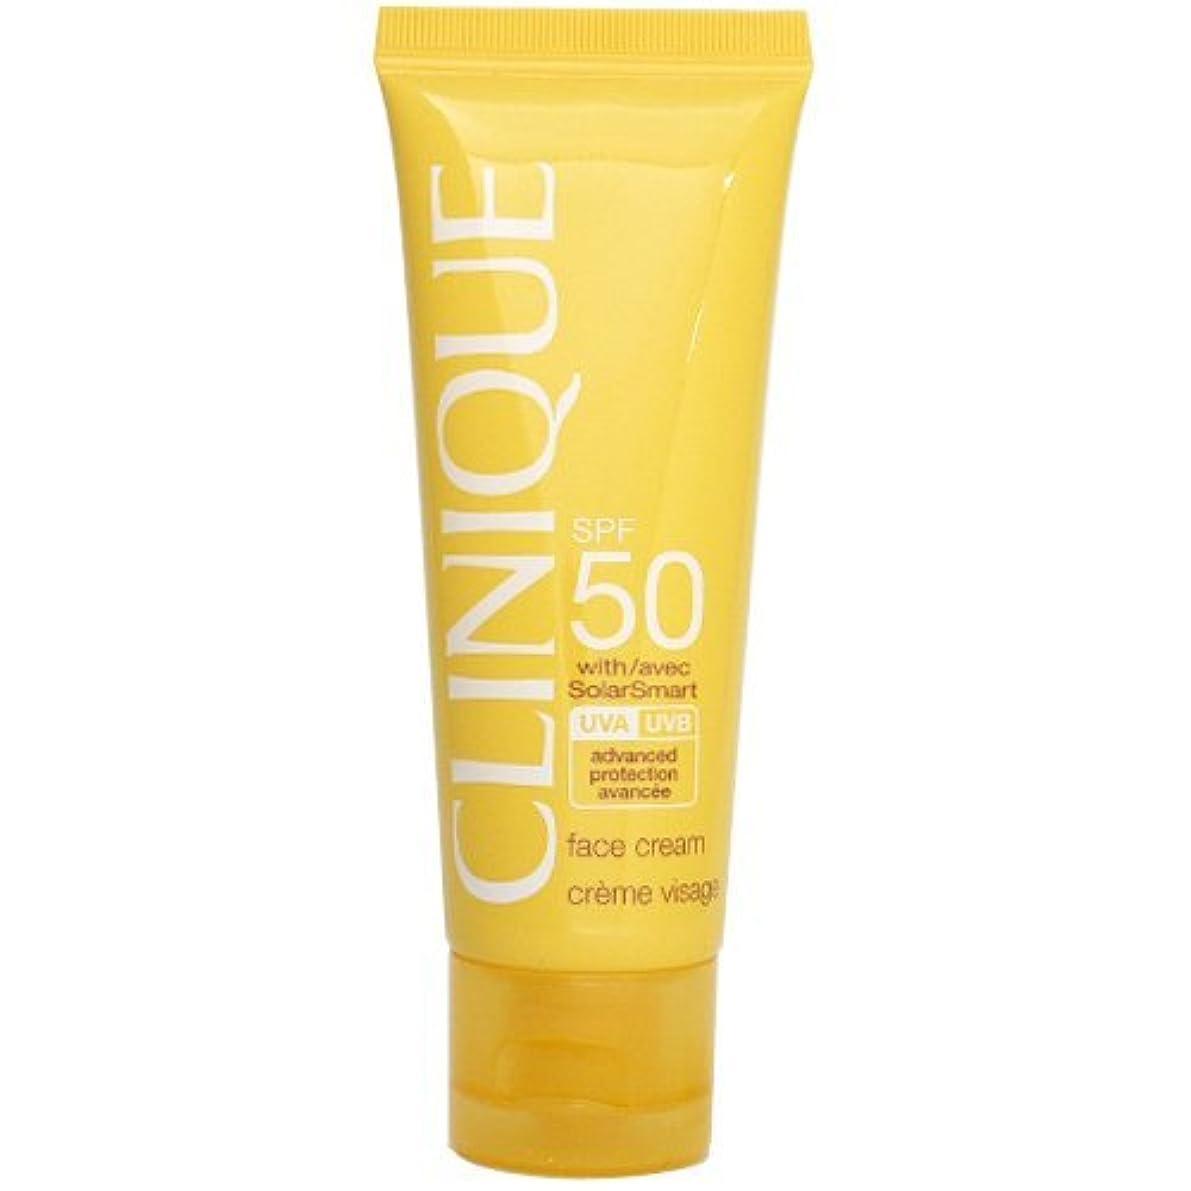 位置づける日常的に疲労クリニーク CLINIQUE SPF50 フェース クリーム SPF 50 PA+++ 50mL 【並行輸入品】